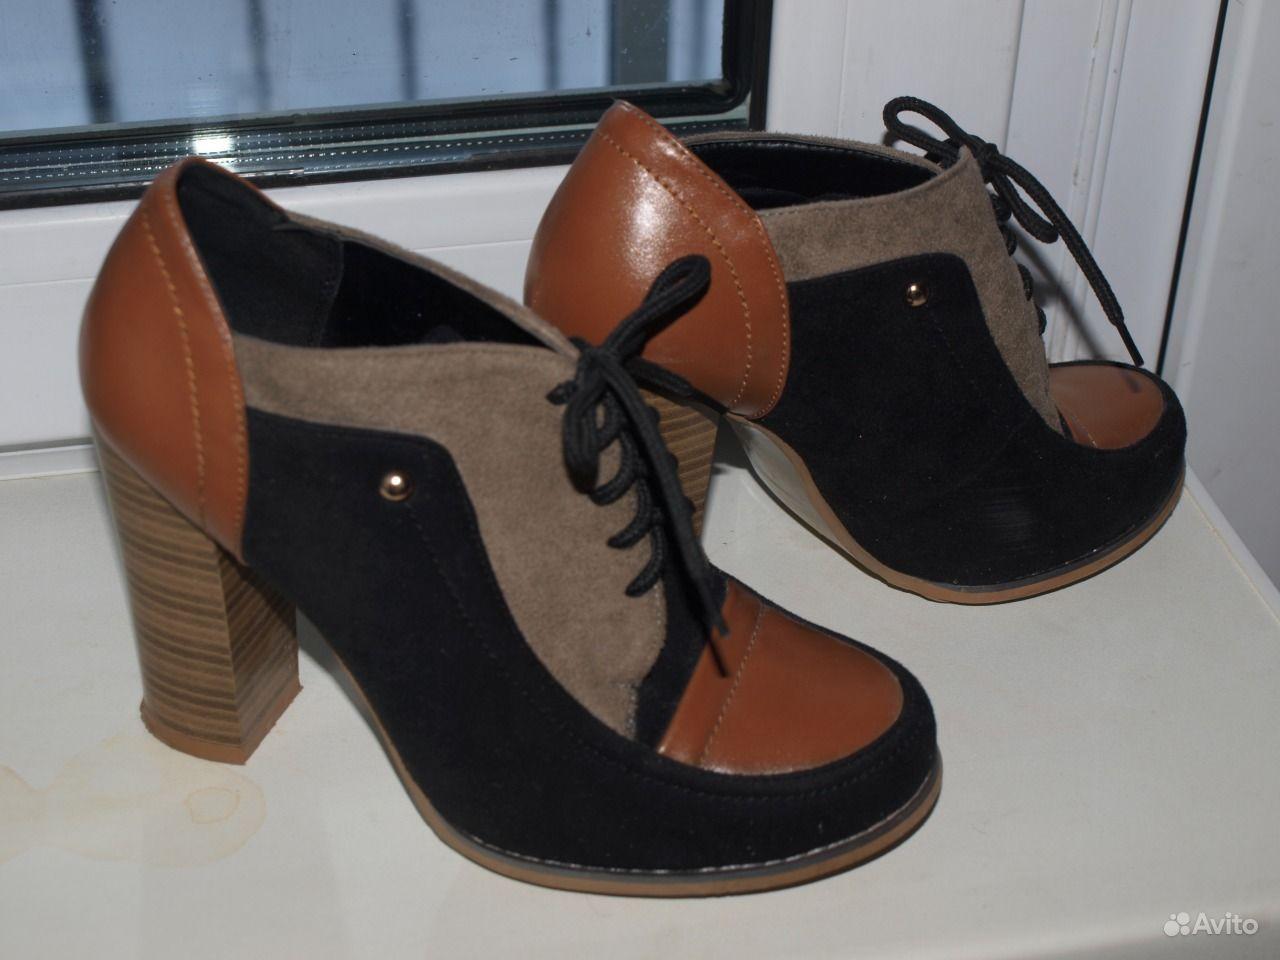 Ботильоны (туфли) женские коричнево-черные 37 р   Festima.Ru ... 64fd6d4ab77